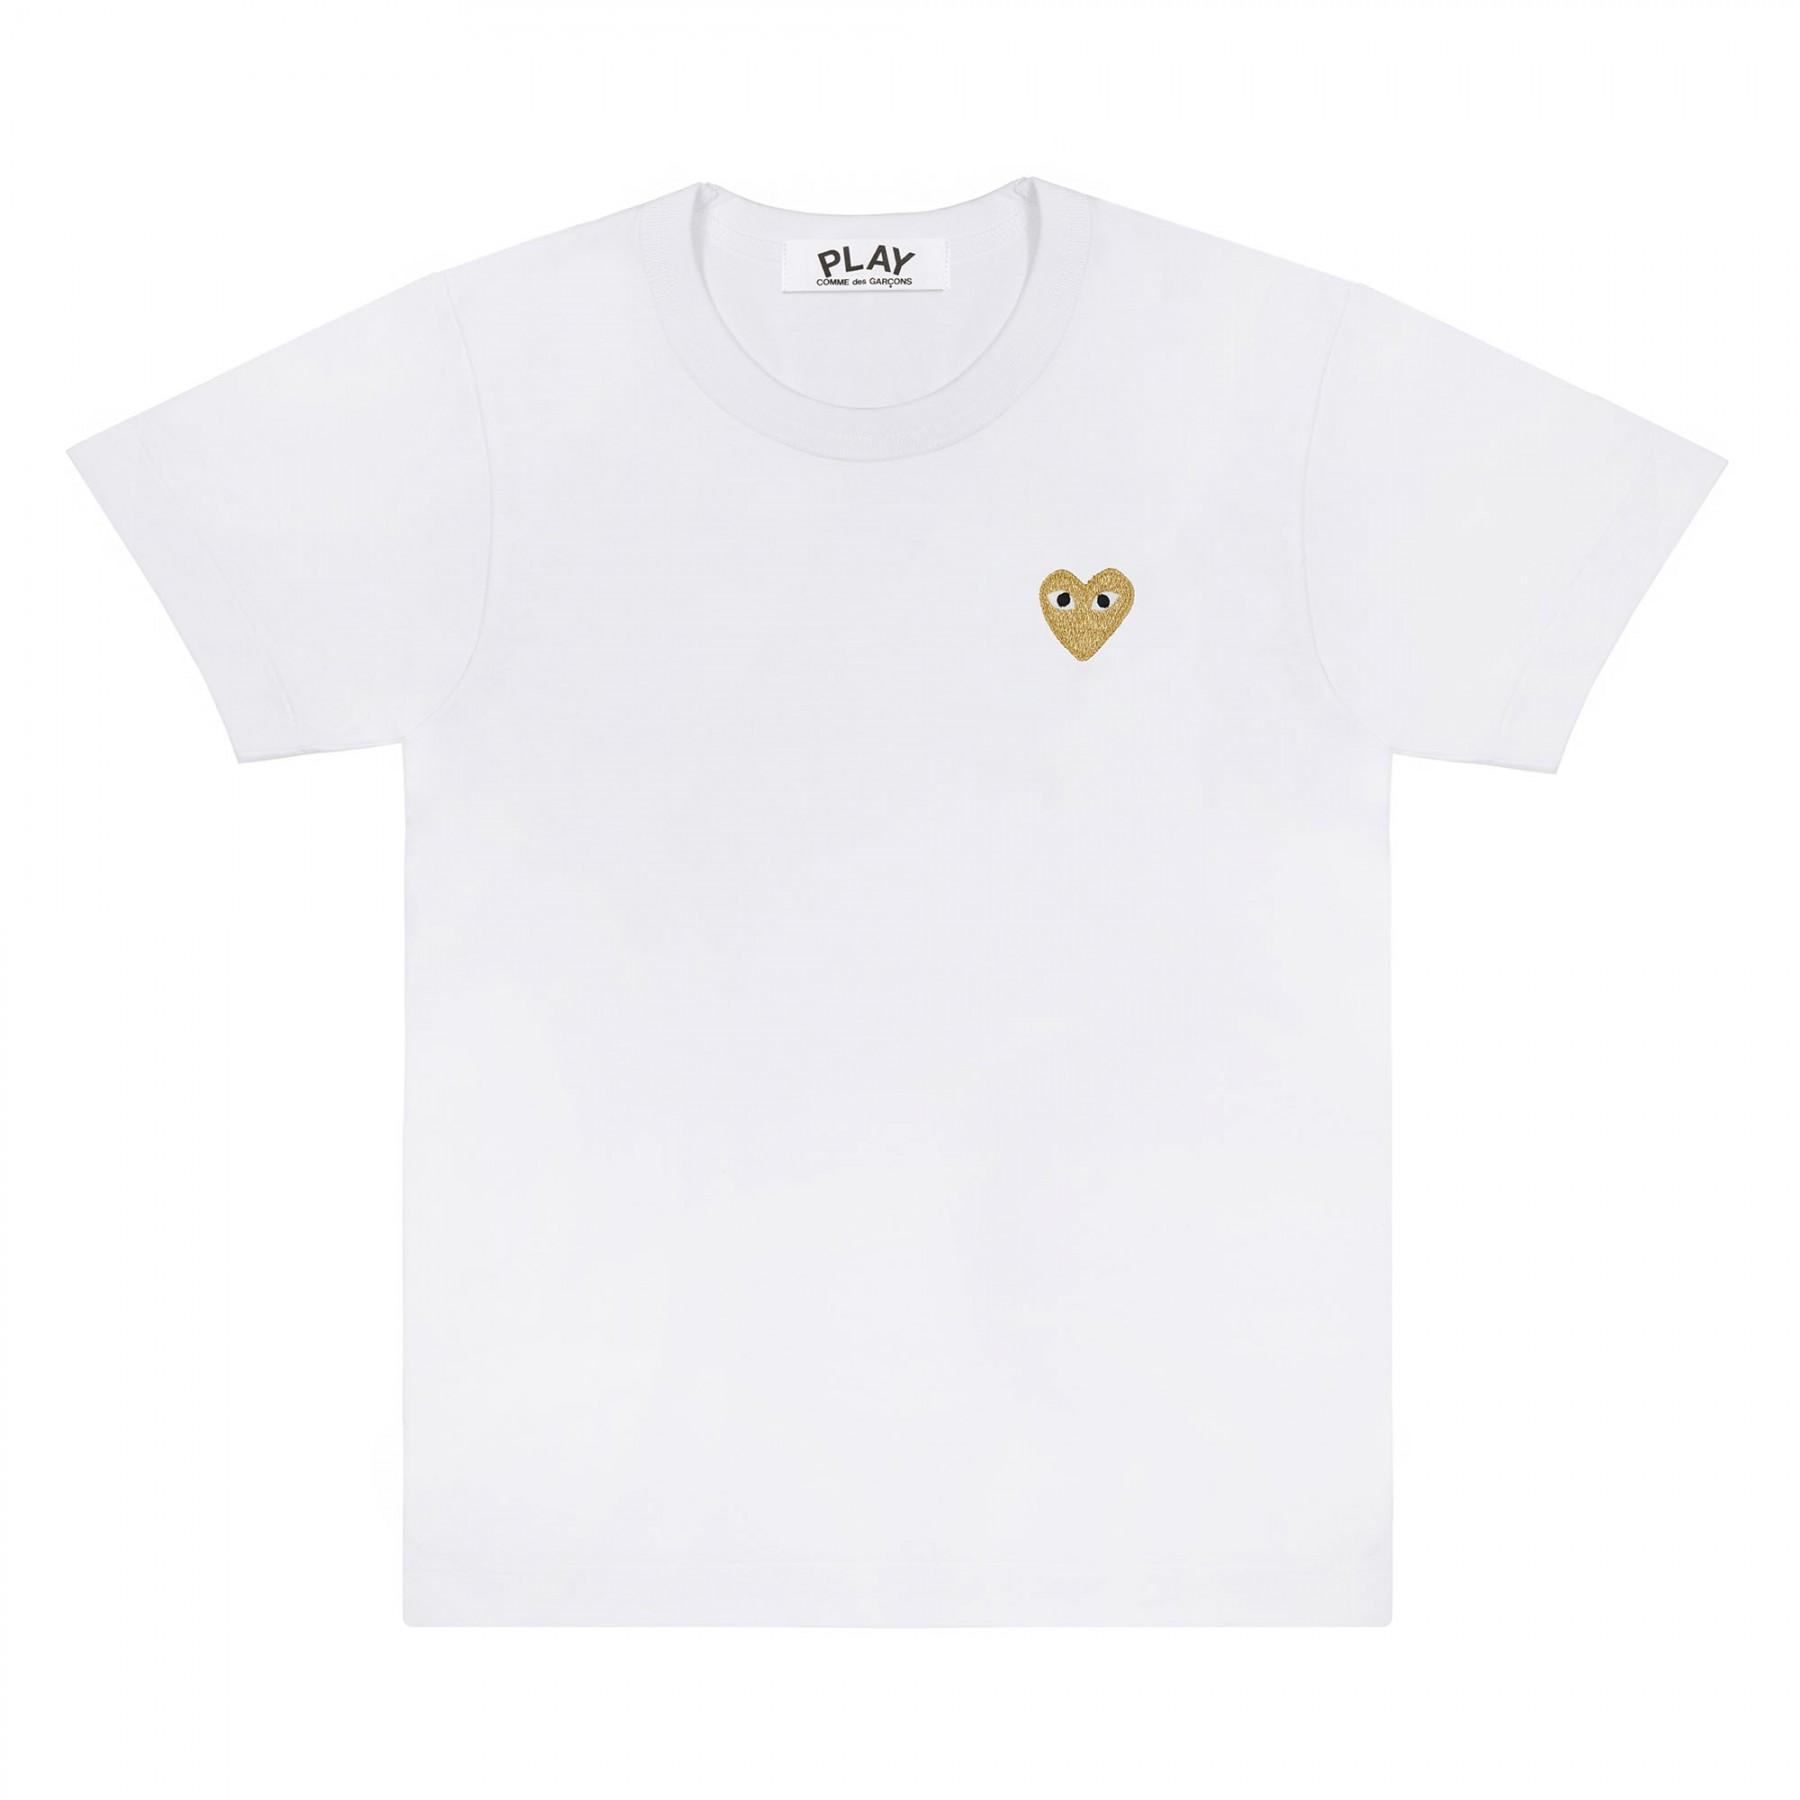 꼼데가르송 PLAY 화이트 티셔츠 원포인트 골드하트 (여성)